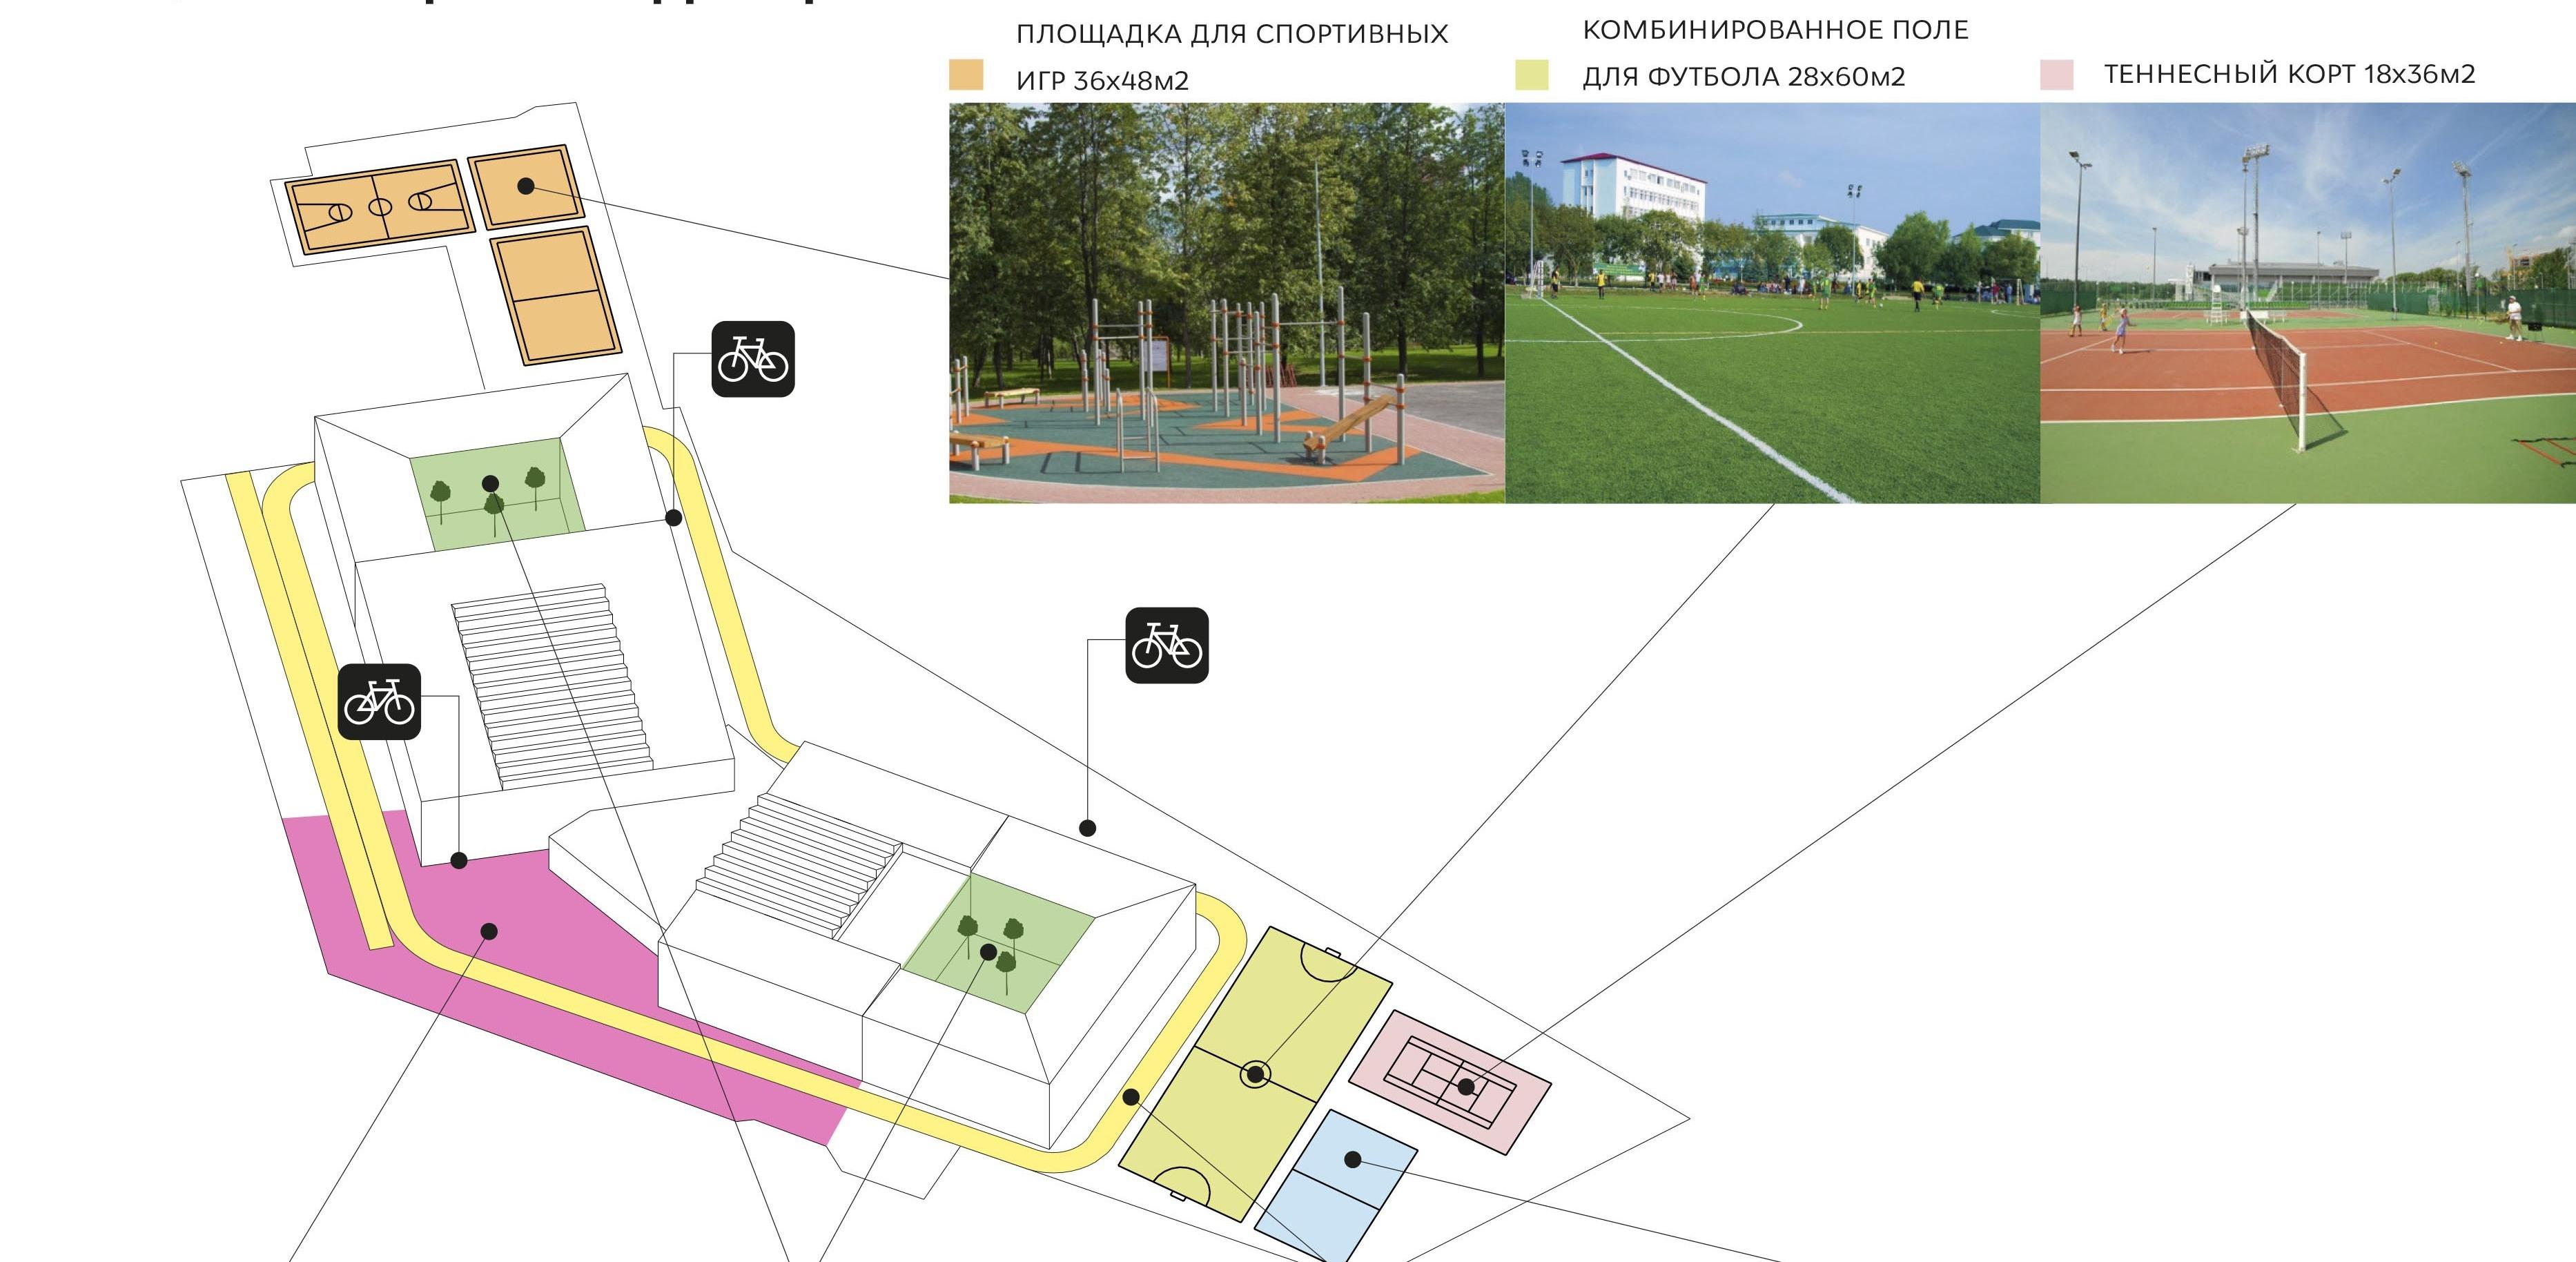 Под новые учебные корпуса и общежитие СУНЦ УрФУ отдадут 5 га технопарка «Университетский»